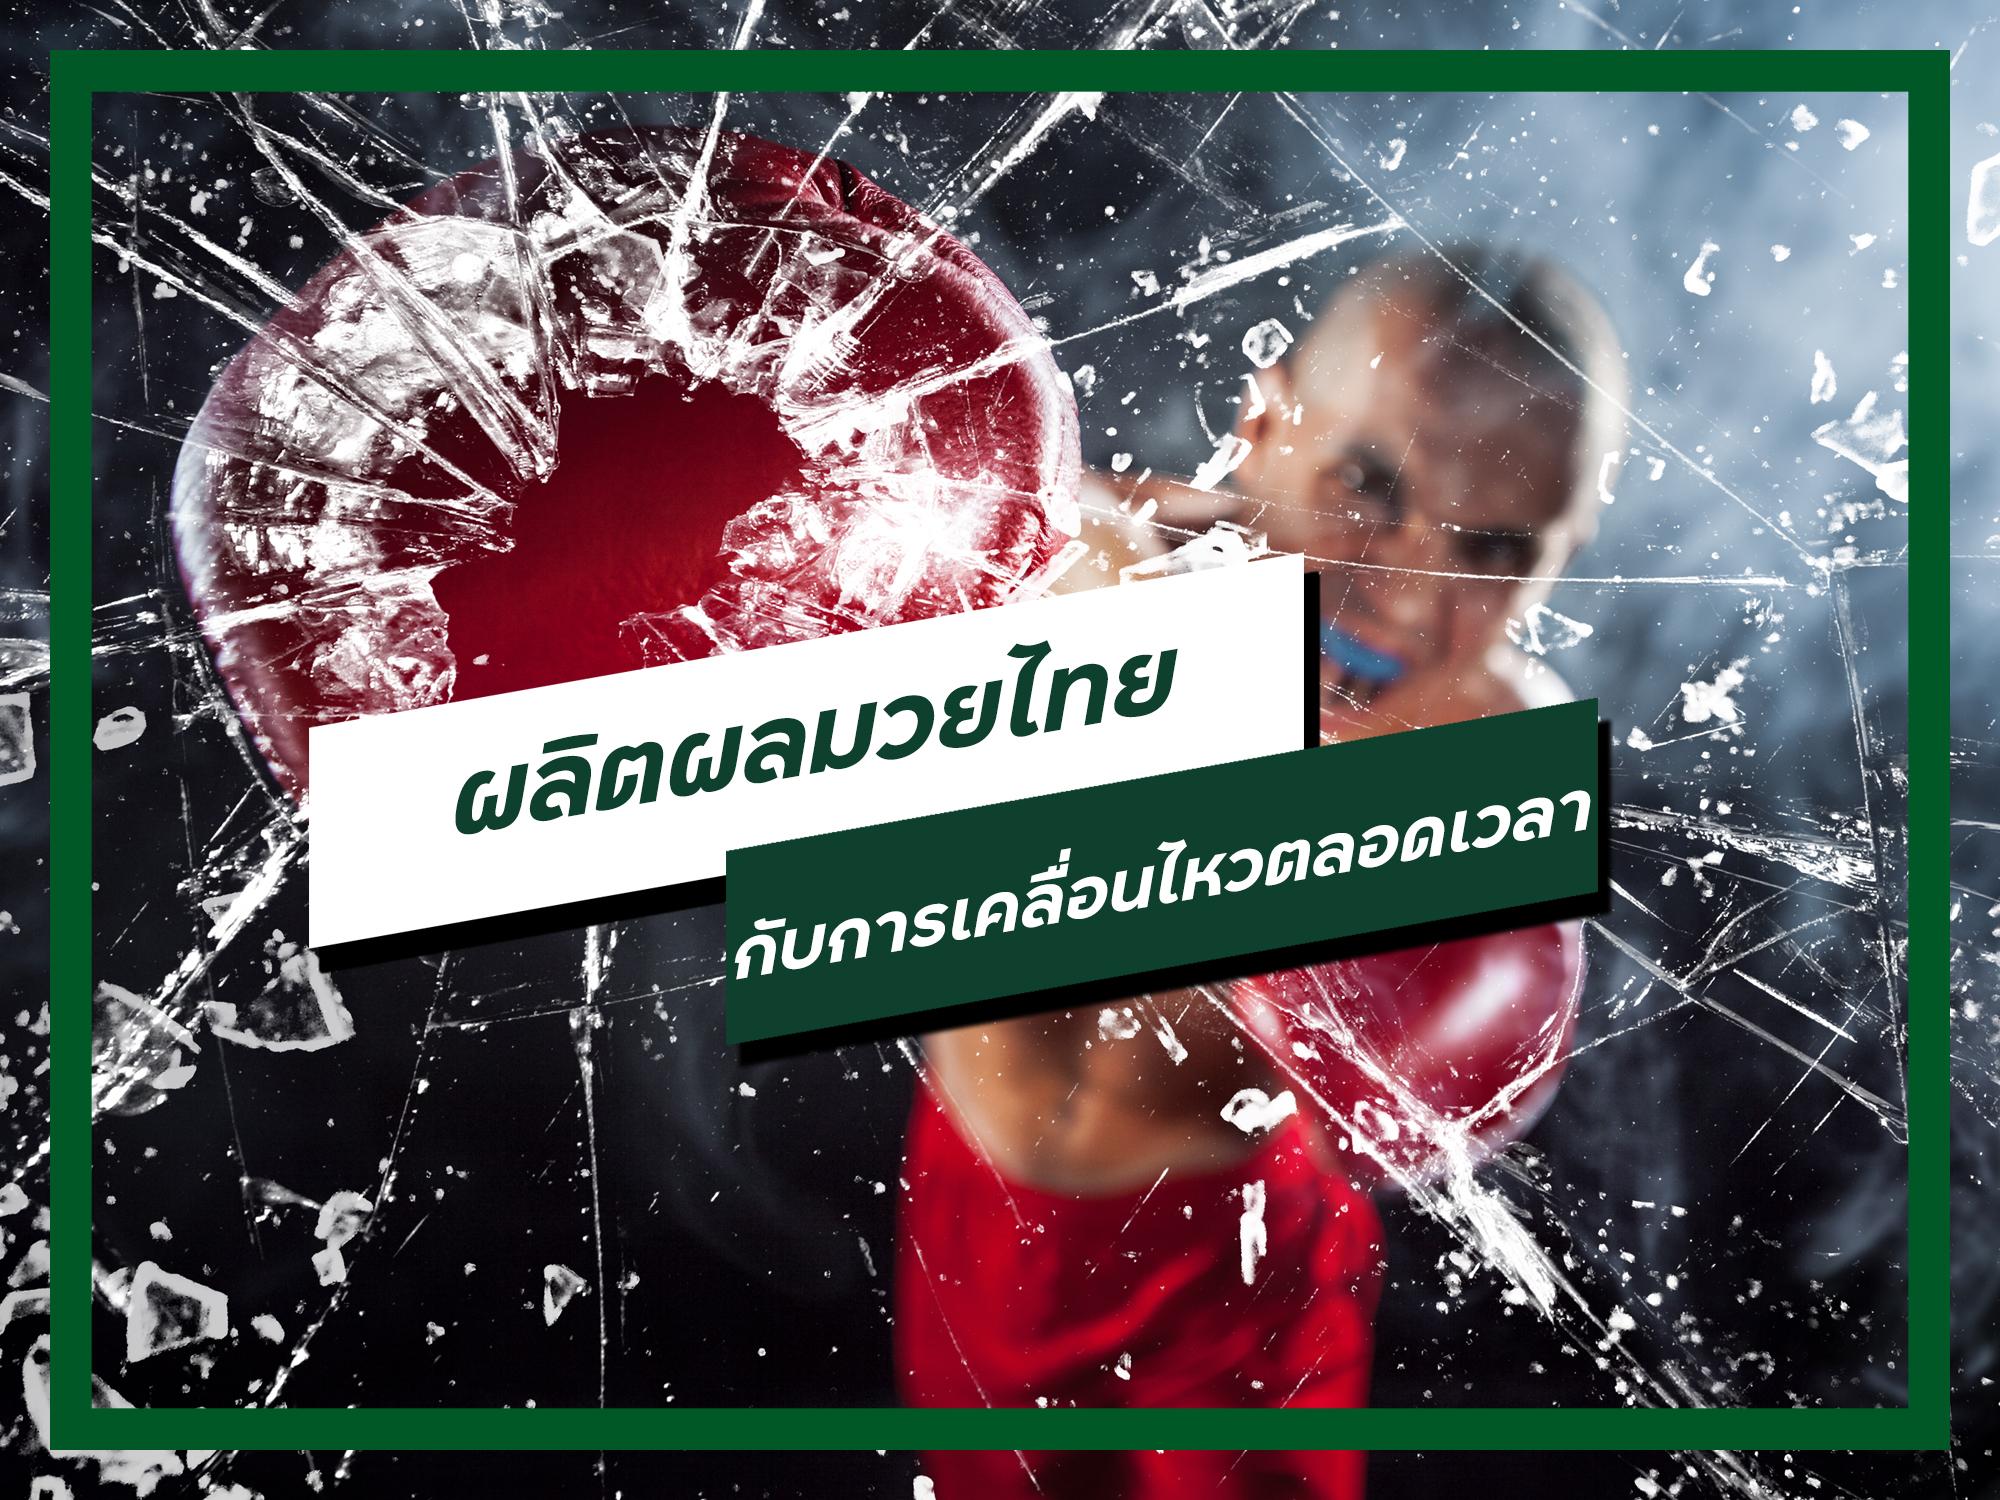 ผลิตผลมวยไทย กับ การเคลื่อนไหวตลอดเวลา